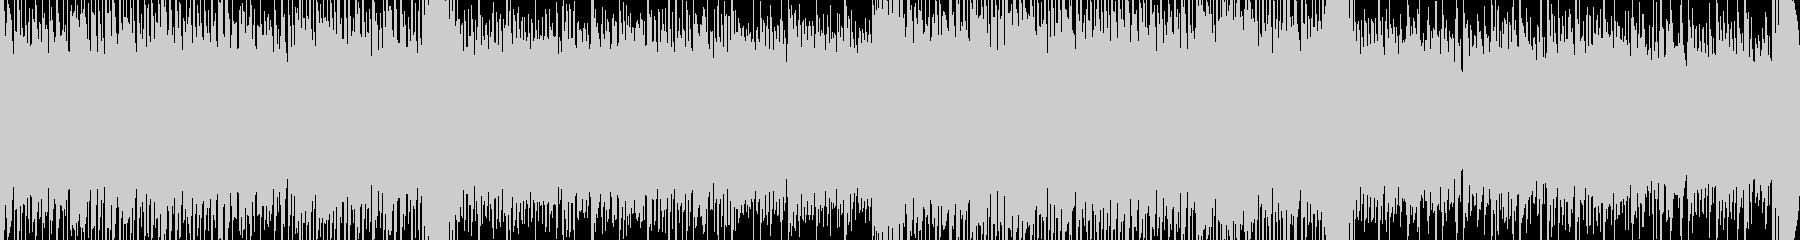 【ループ】琴と尺八の元気な和風ロック2の未再生の波形